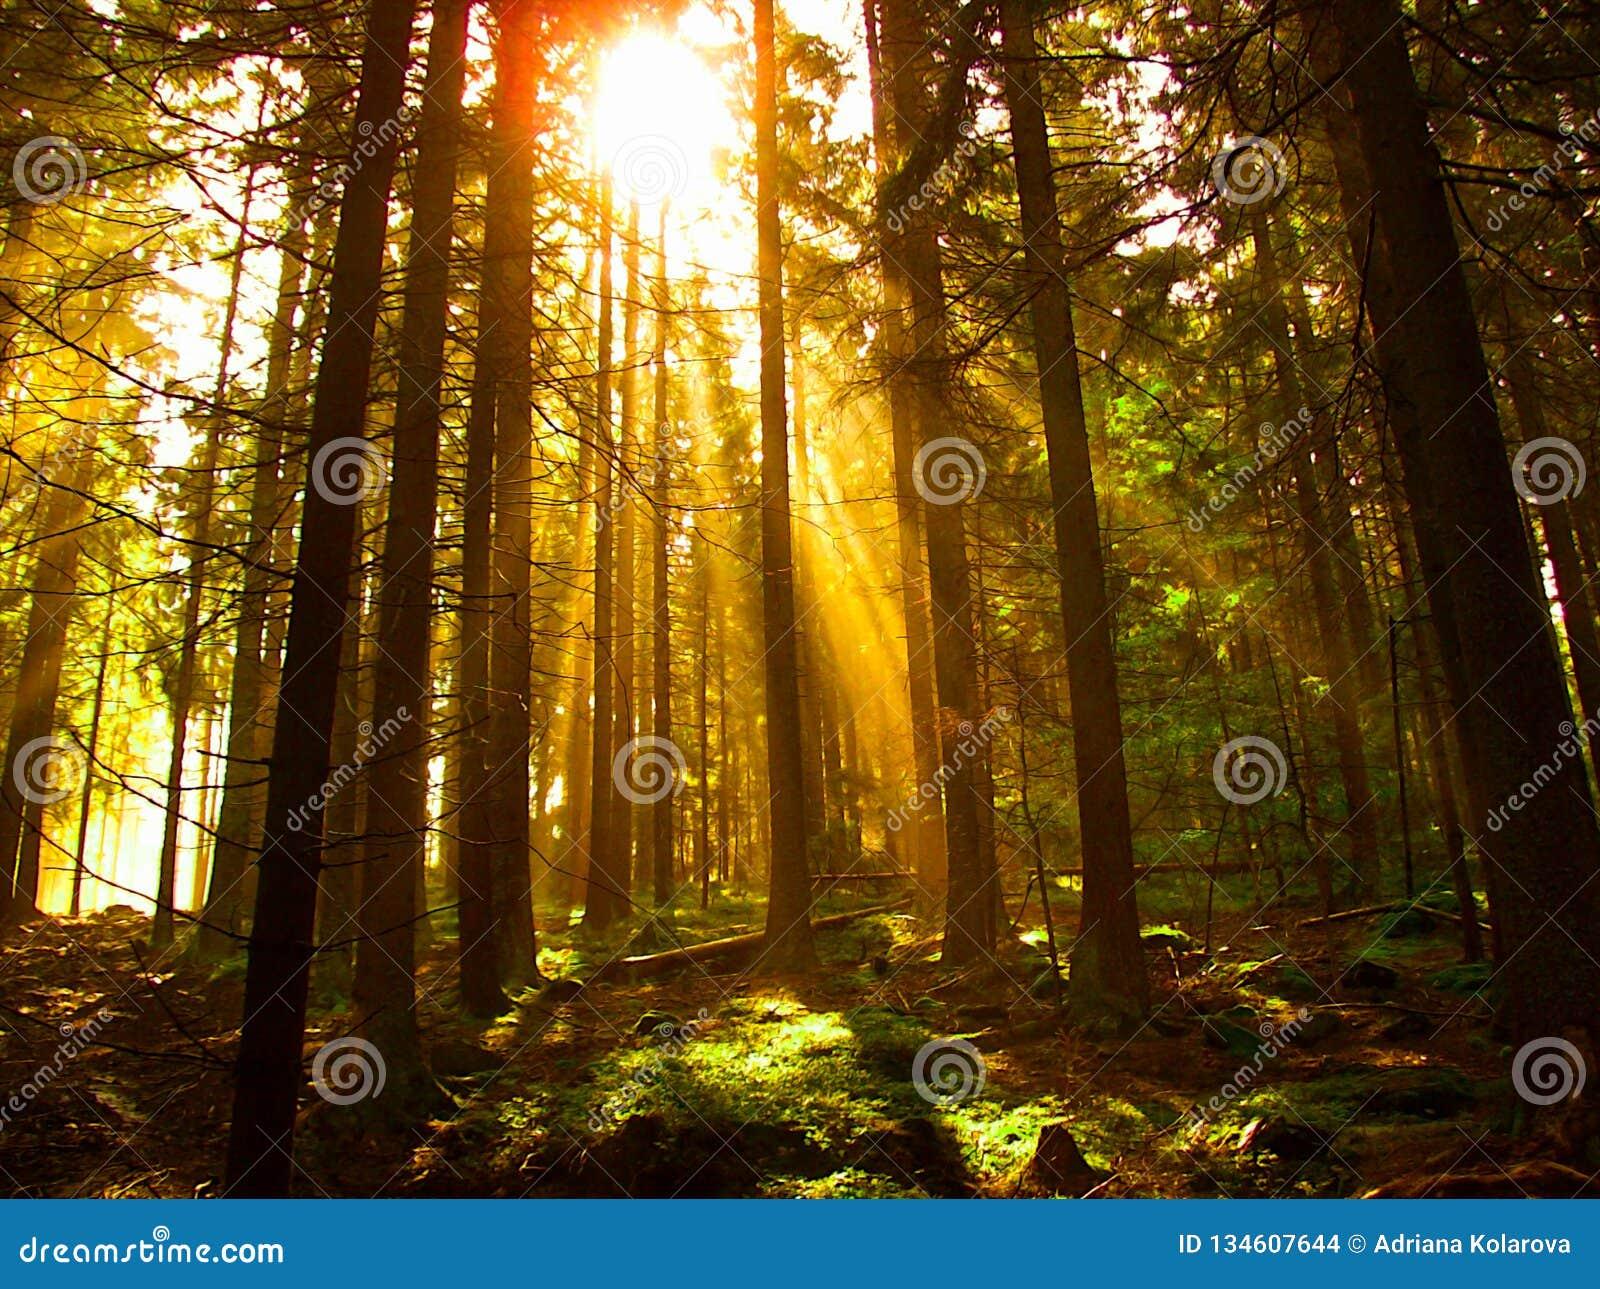 Ο ήλιος λάμπει μέσω των δέντρων στο δάσος